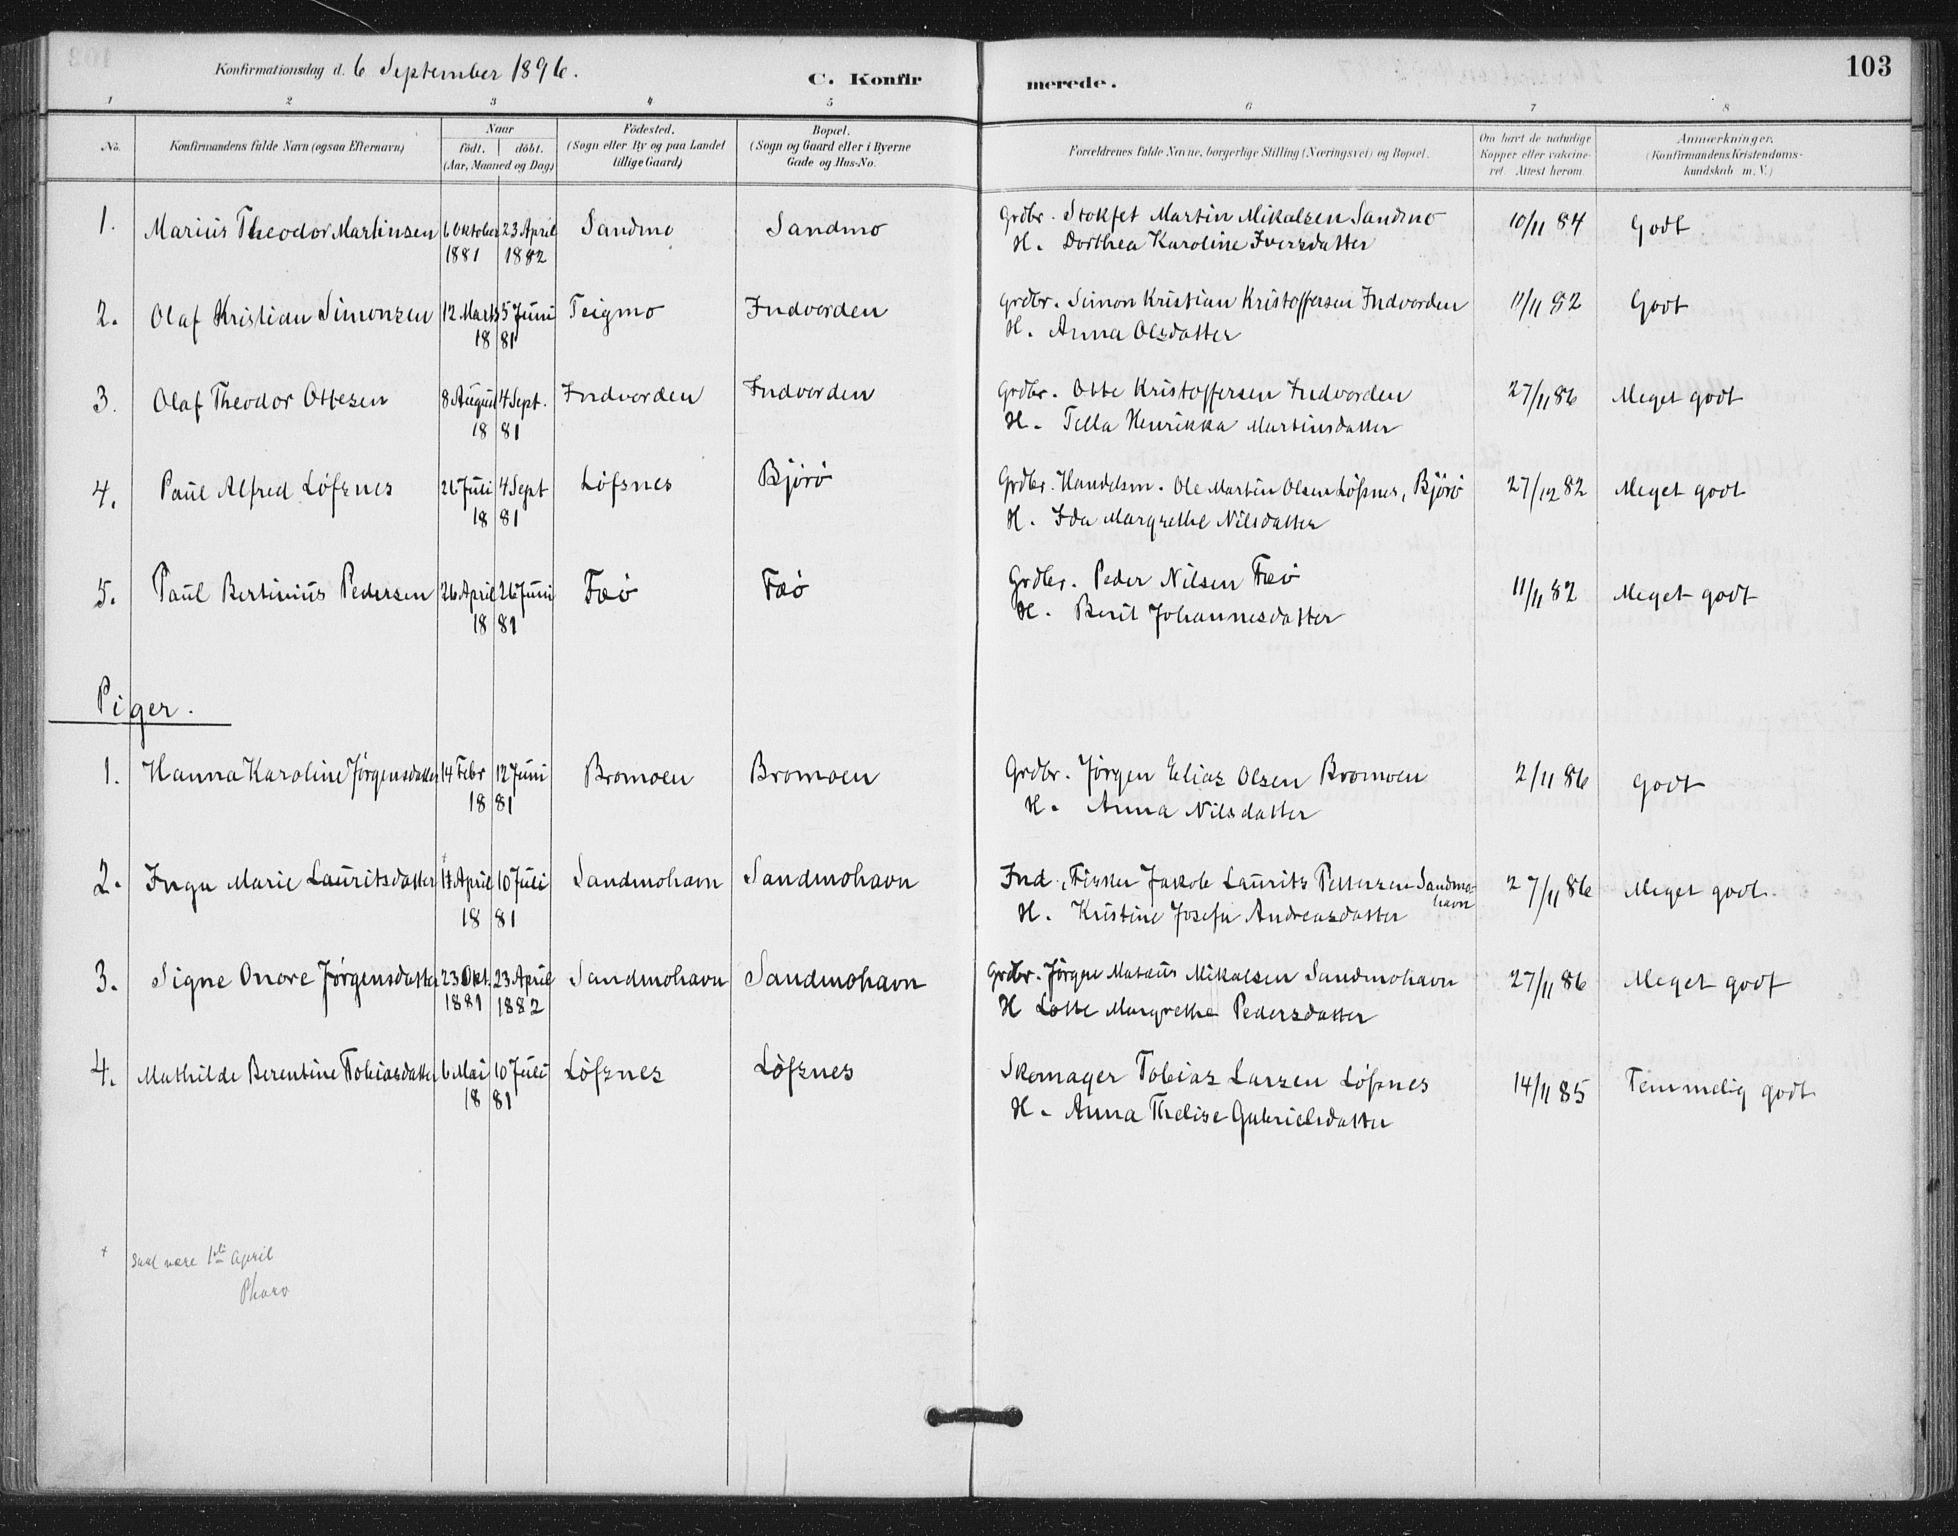 SAT, Ministerialprotokoller, klokkerbøker og fødselsregistre - Nord-Trøndelag, 772/L0603: Ministerialbok nr. 772A01, 1885-1912, s. 103